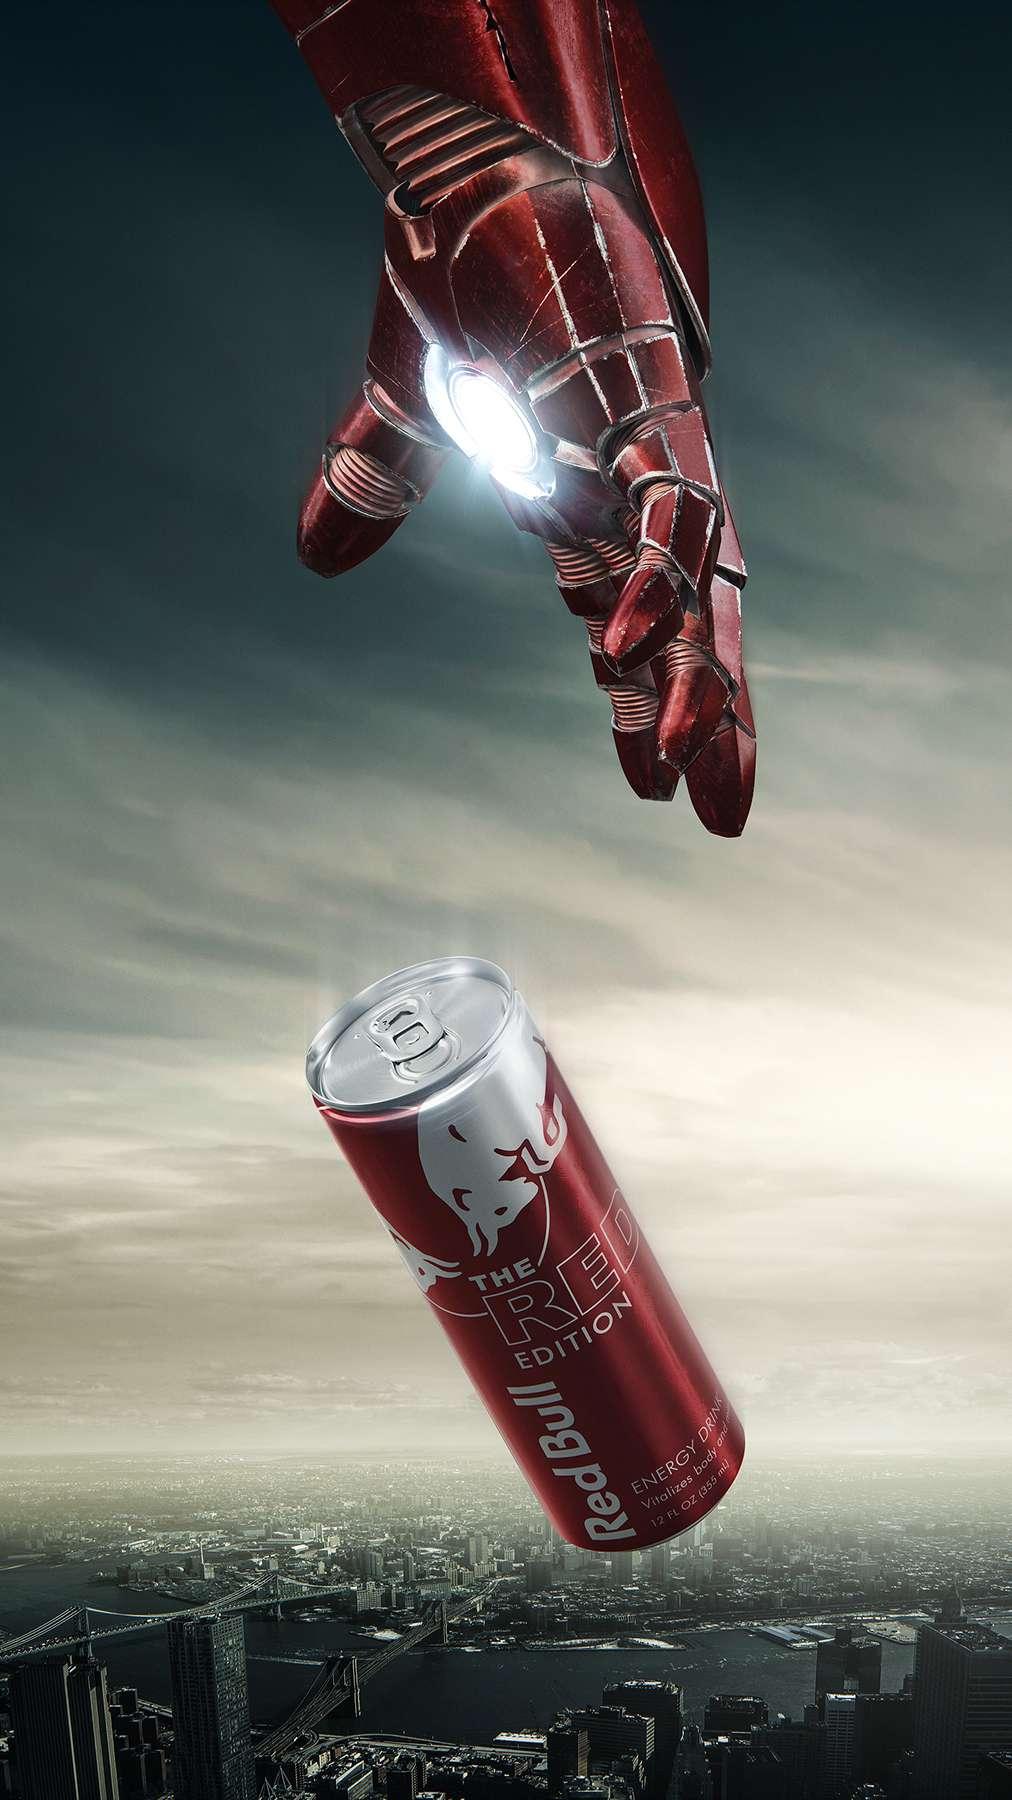 Avengers RedBull iPhone Wallpaper